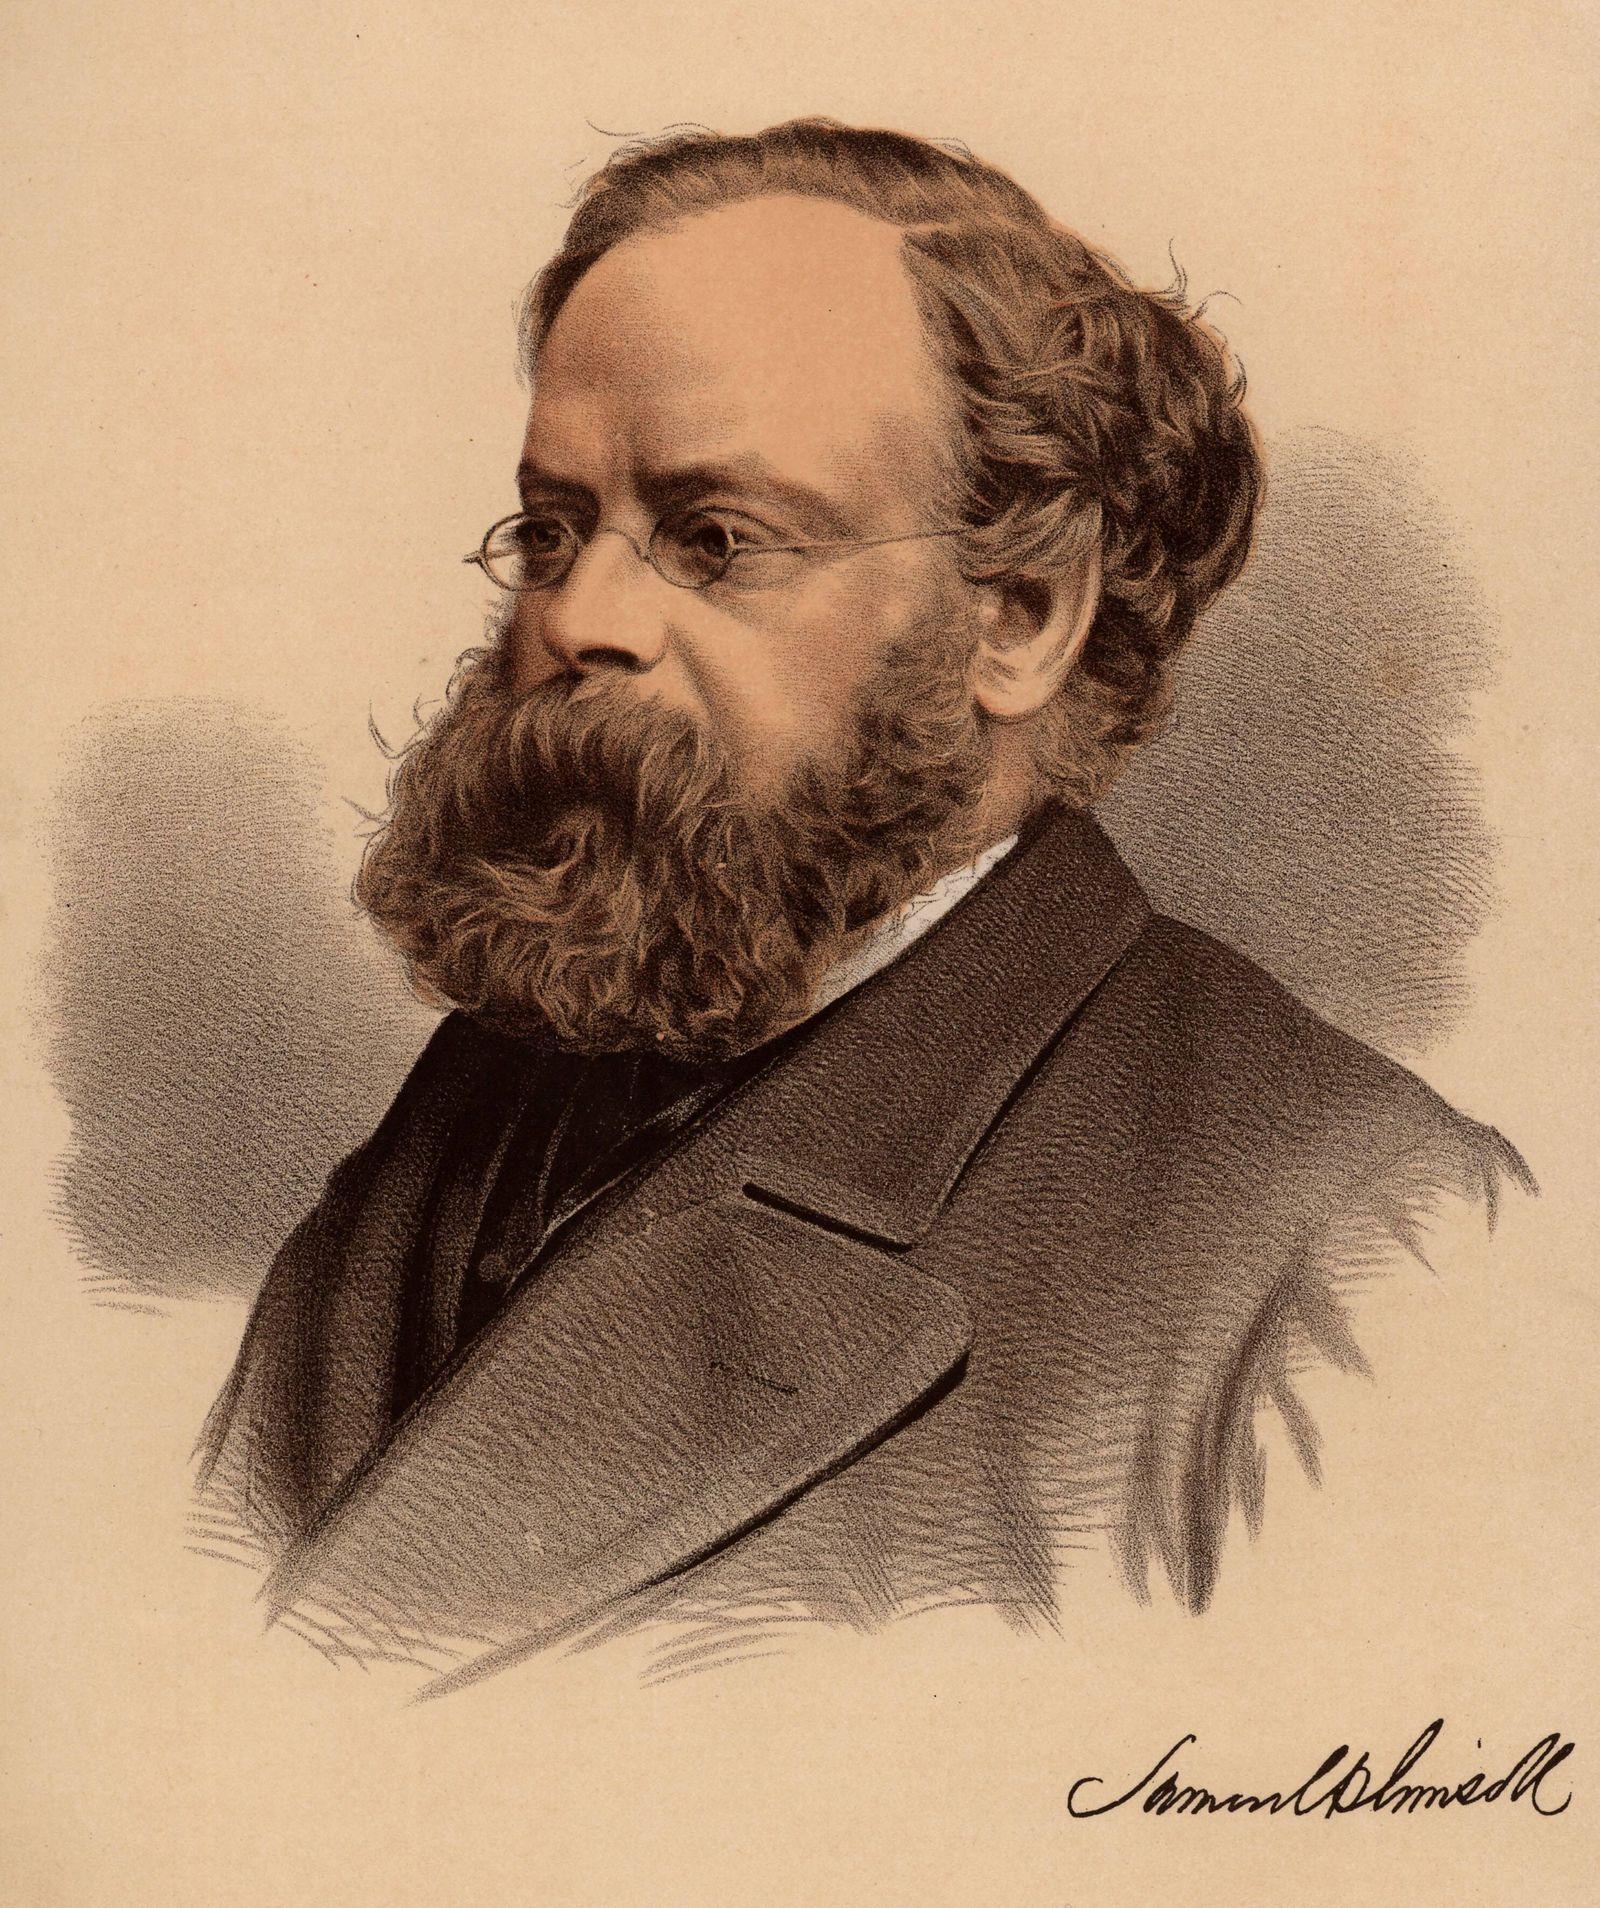 Samuel Plimsoll Samuel Plimsoll 1824 1898 English politician and social reformer born at Bristol